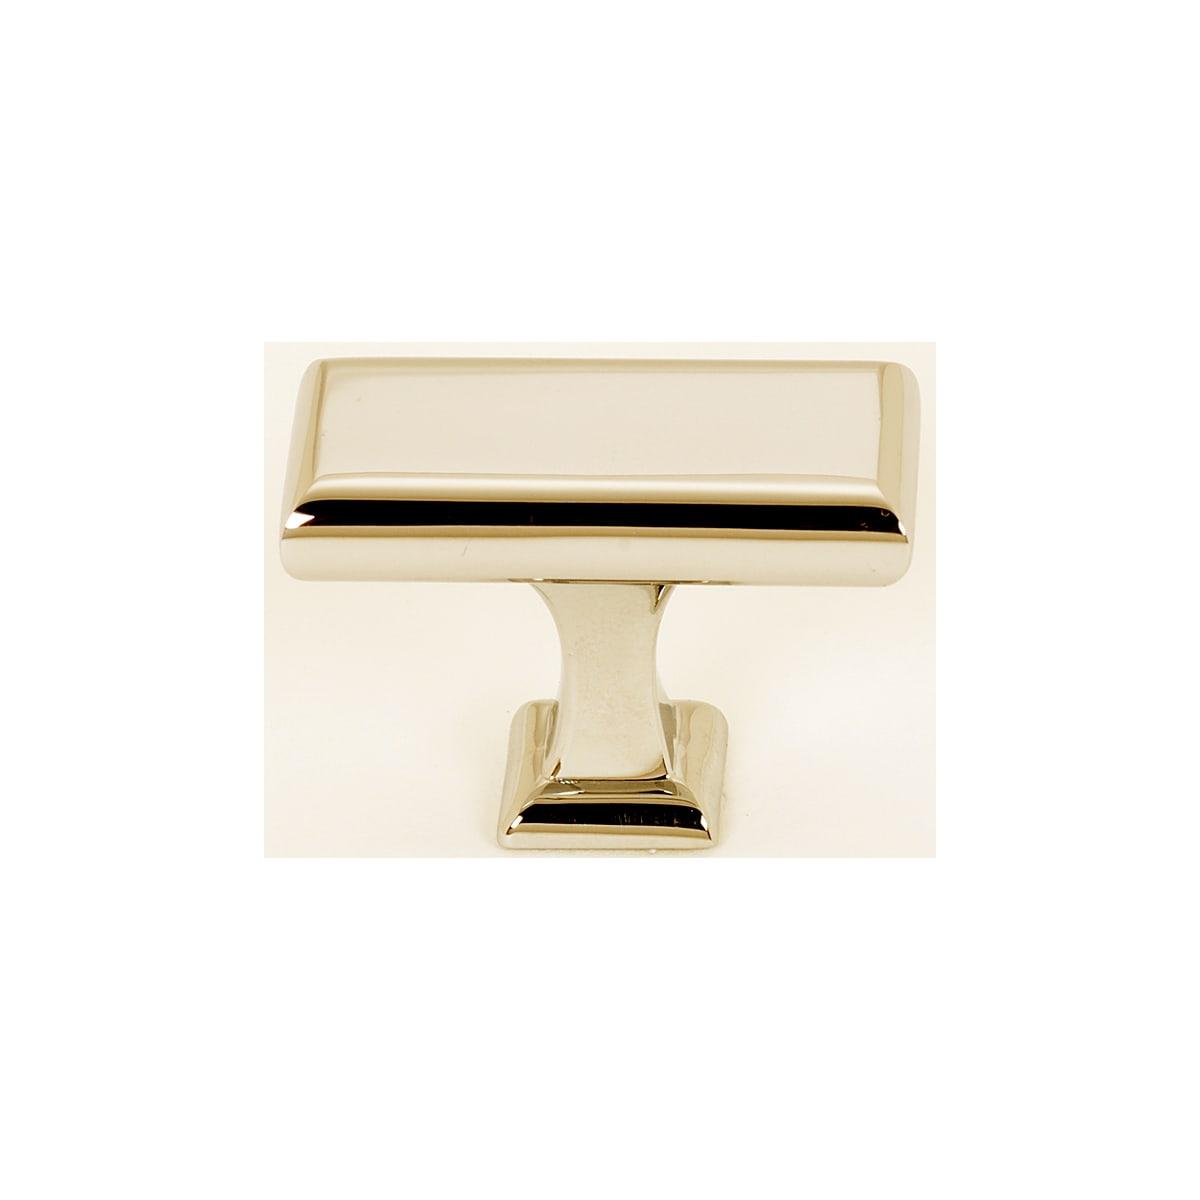 Alno Manhattan 1-5/8 Inch Rectangular Cabinet Knob